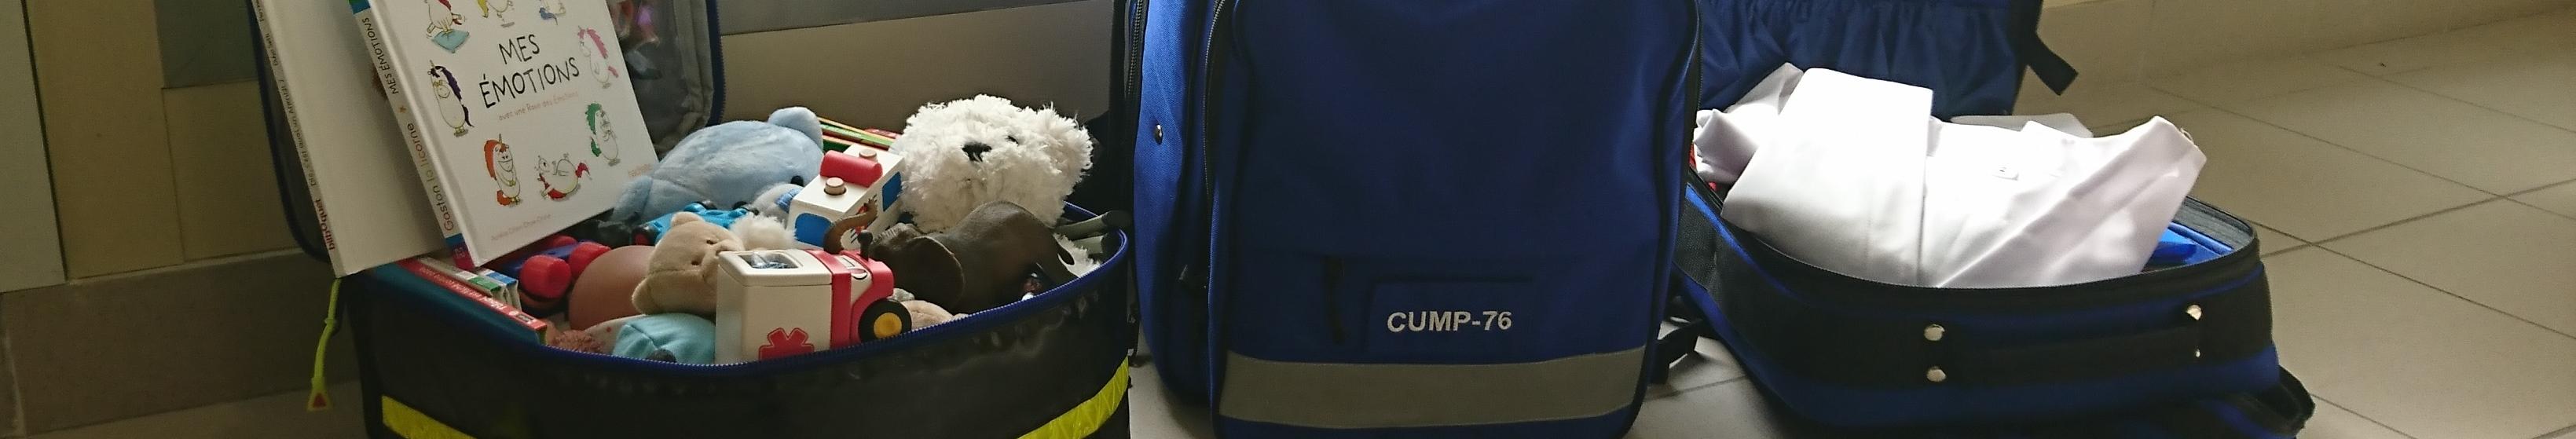 Cellule d'urgence médico-psychologique - CUMP